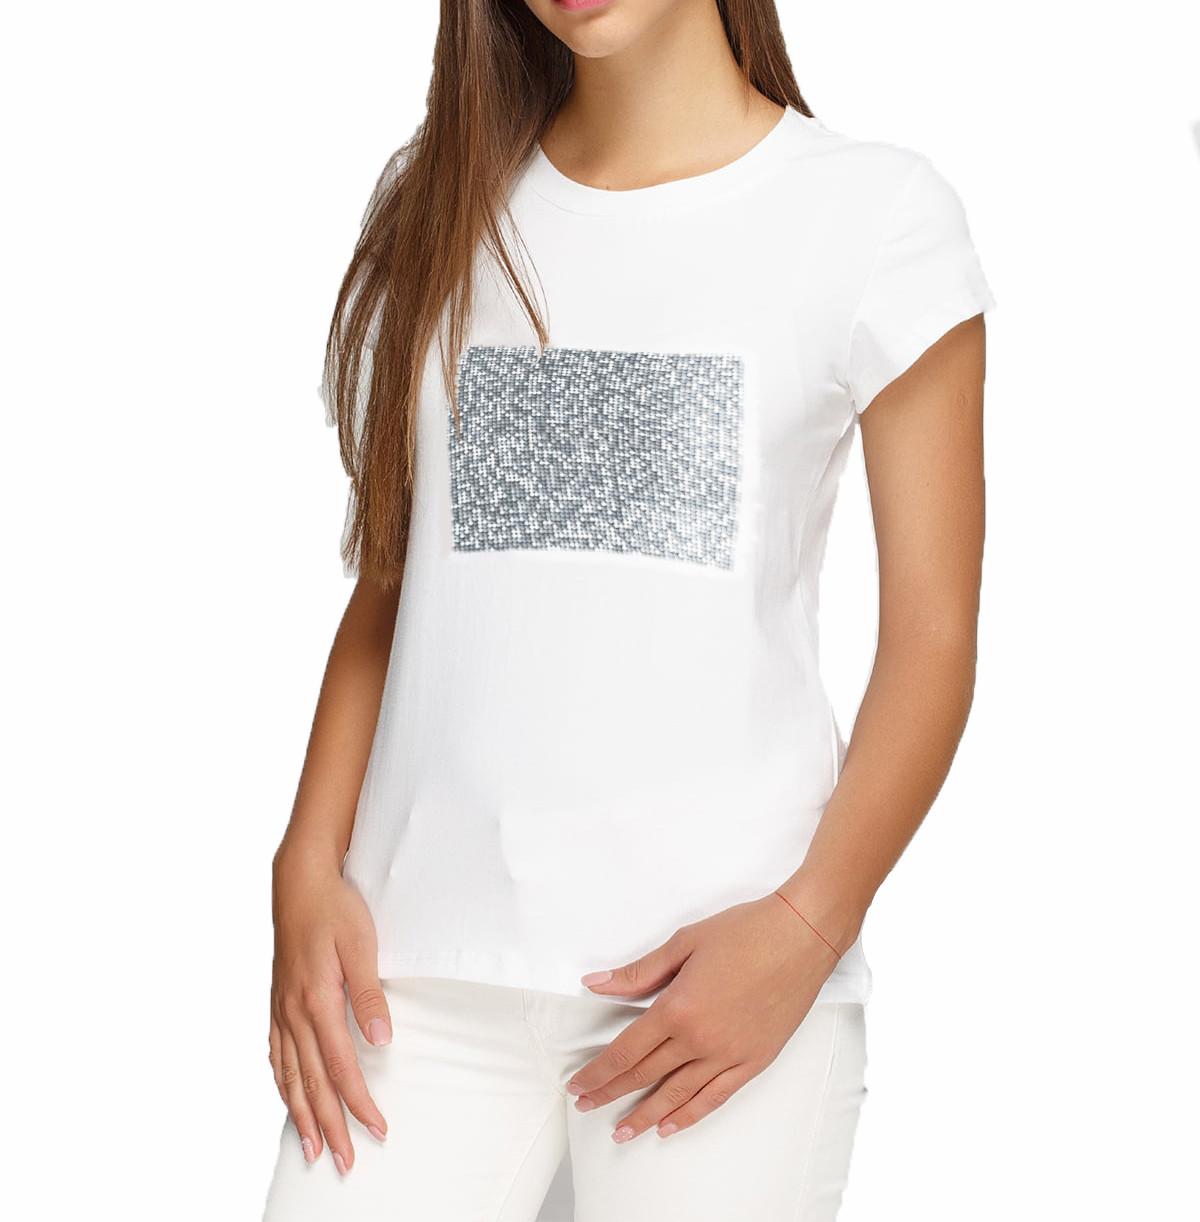 Женская футболка XS с пайетками цв. СЕРЕБРО под сублимацию